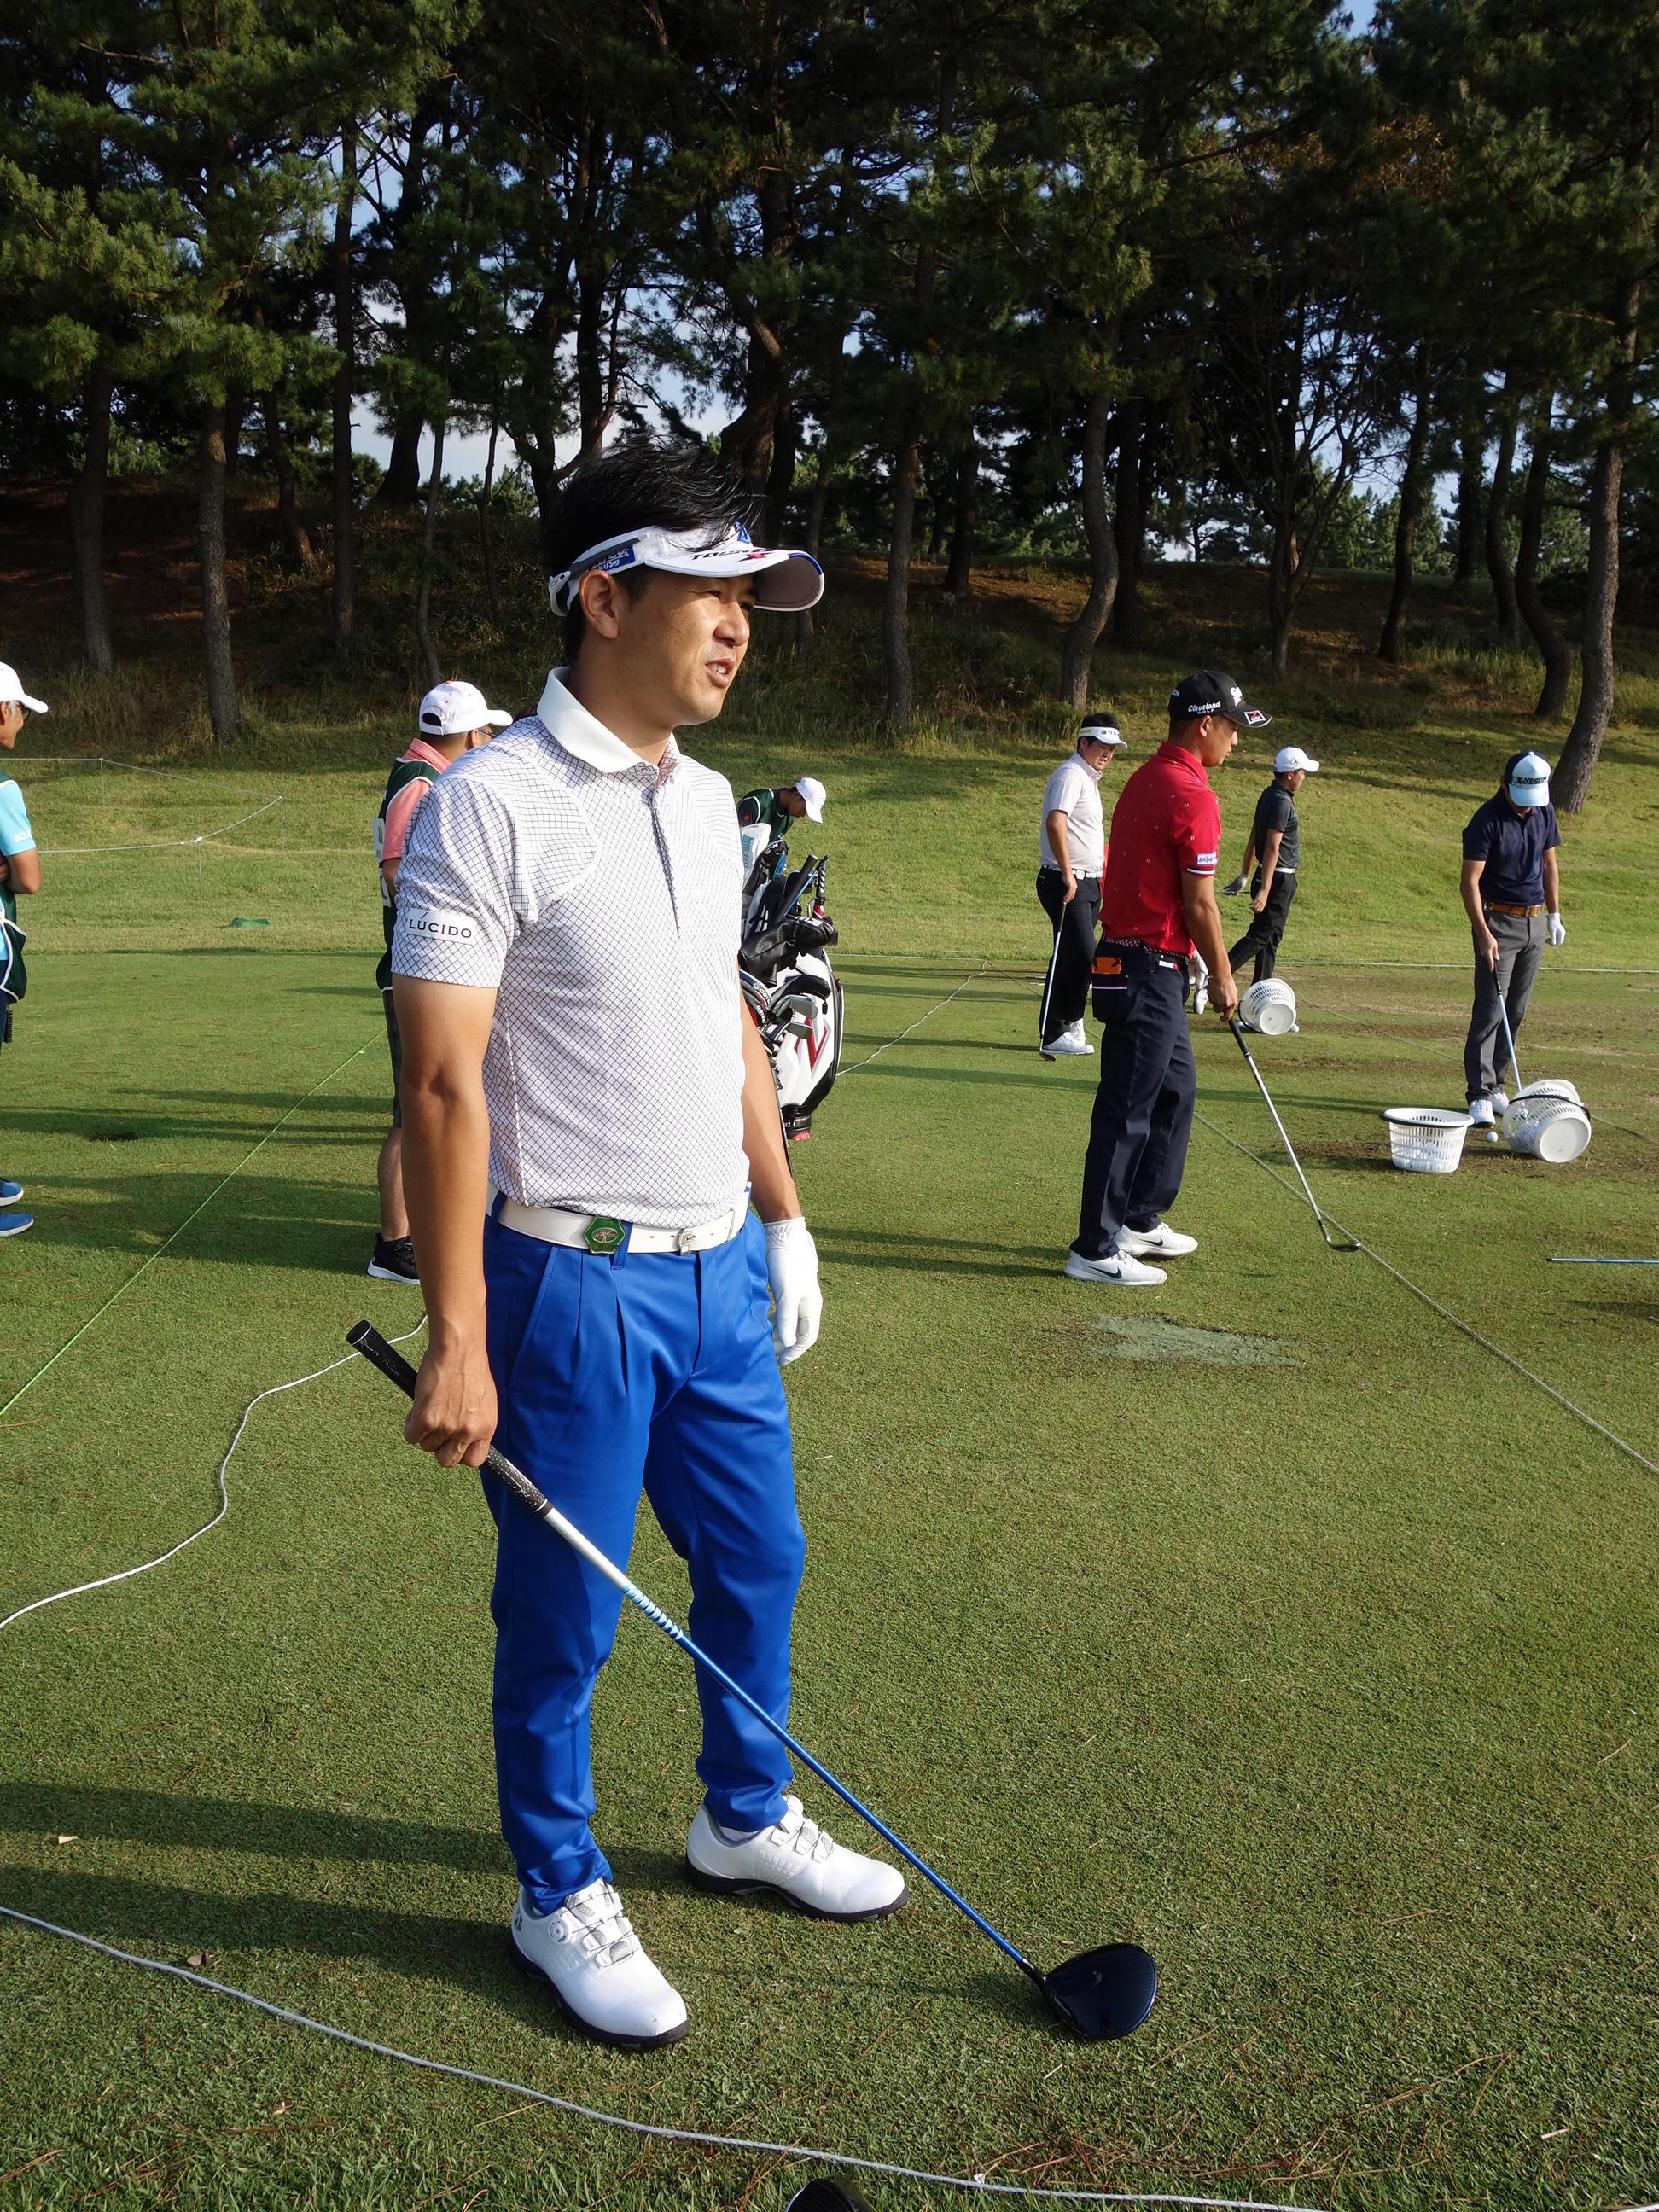 http://www.bs-golf.com/pro/c511a2f12e6090deb275d20e4c40f69dceea0d60.JPG